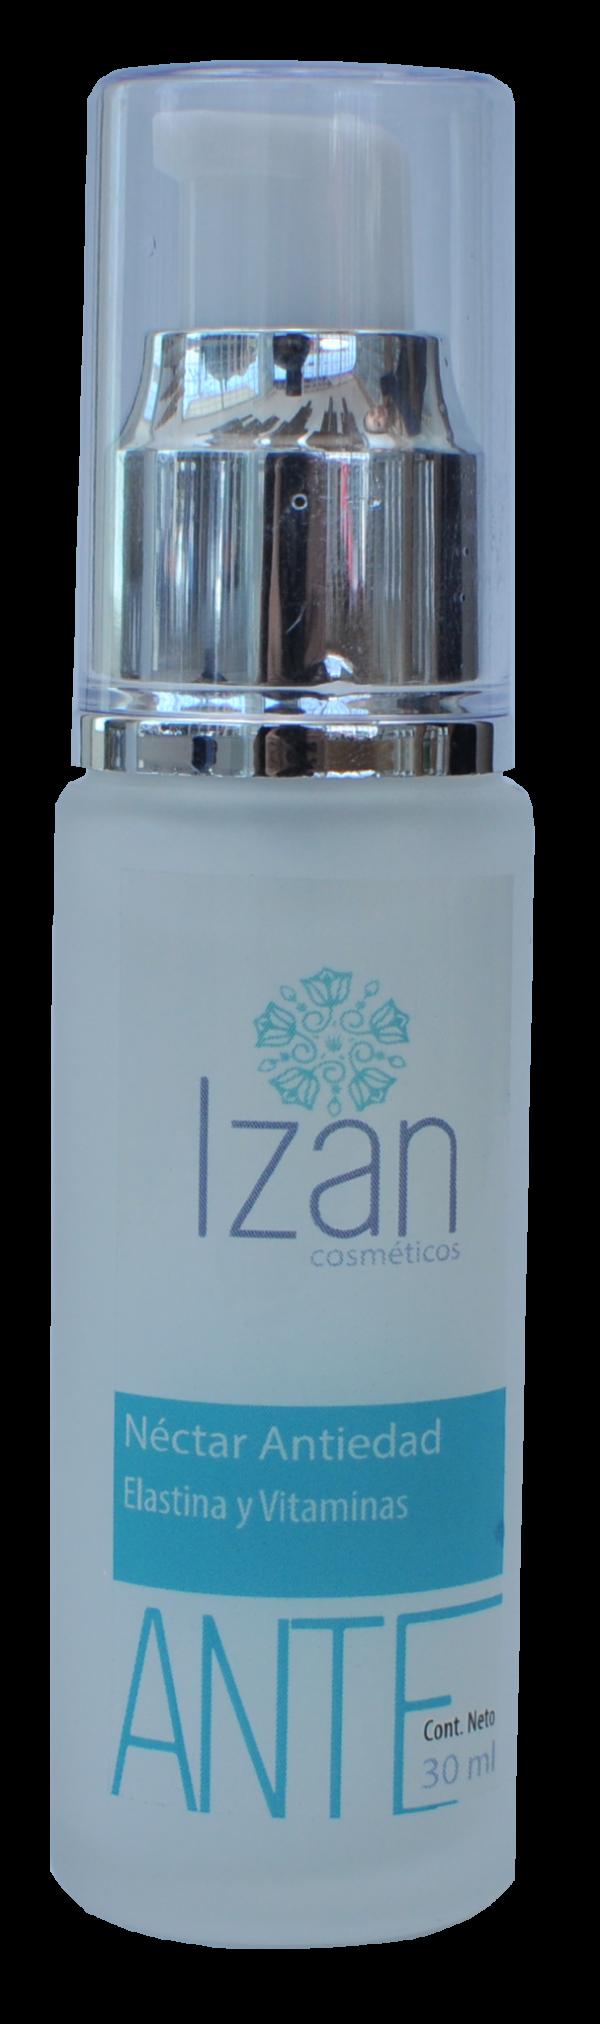 Nectar antiedad IZAN Dermocosméticos